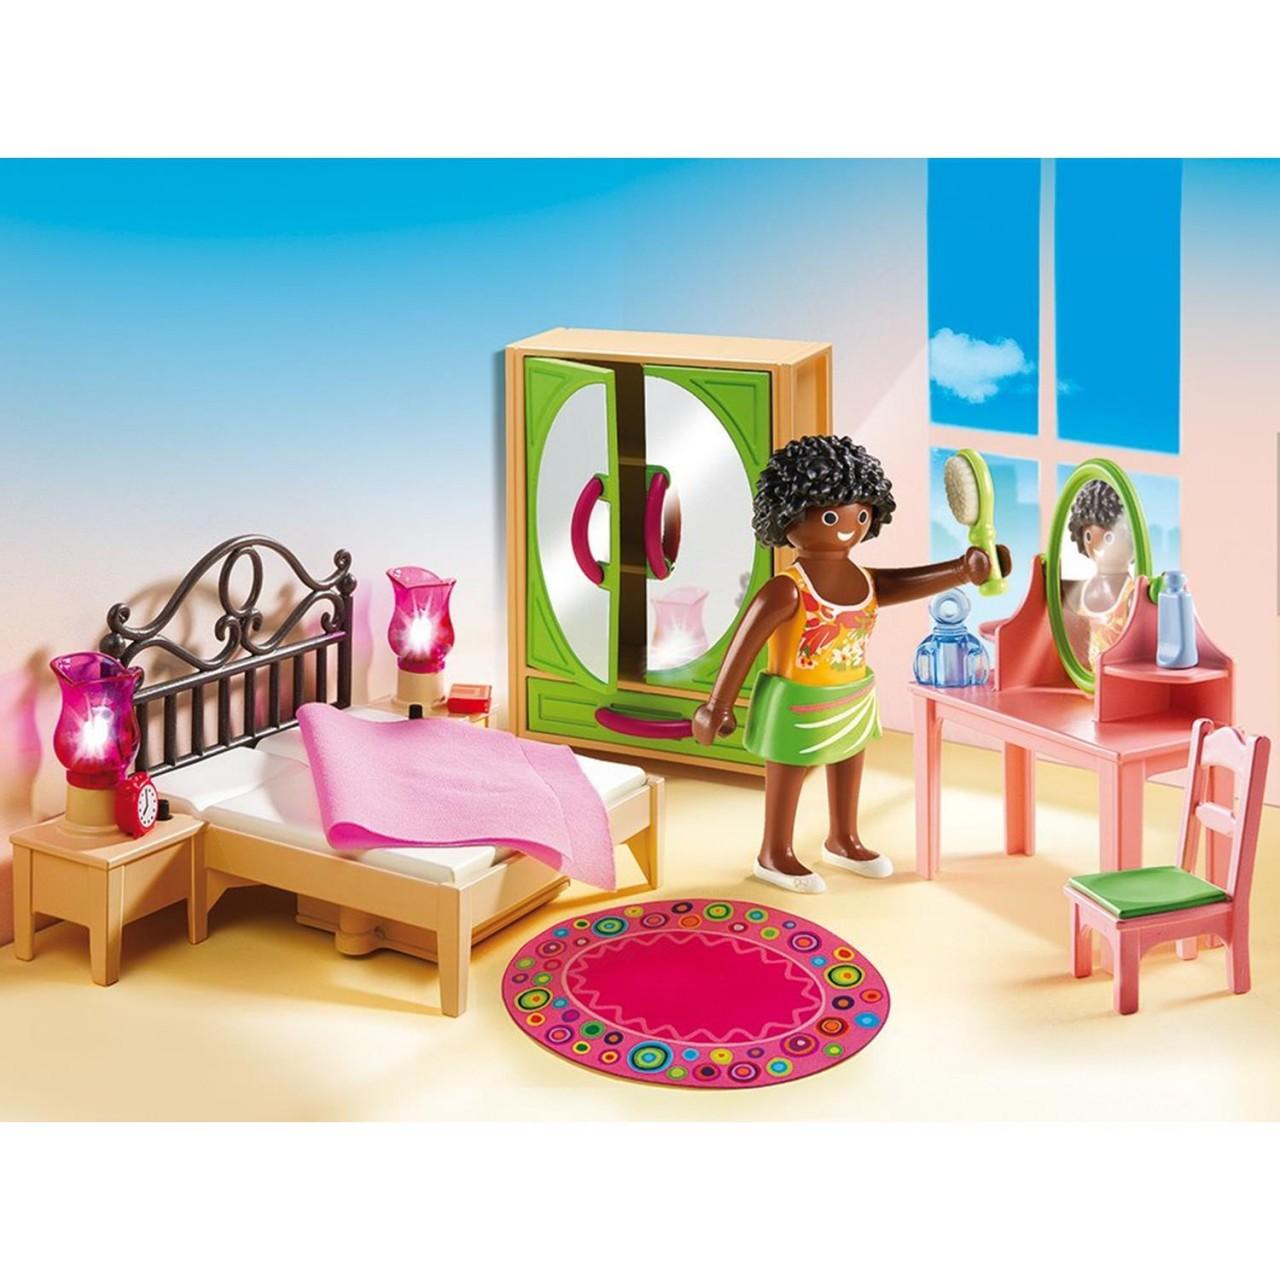 Playmobil 5309 Schlafzimmer mit Schminktischchen